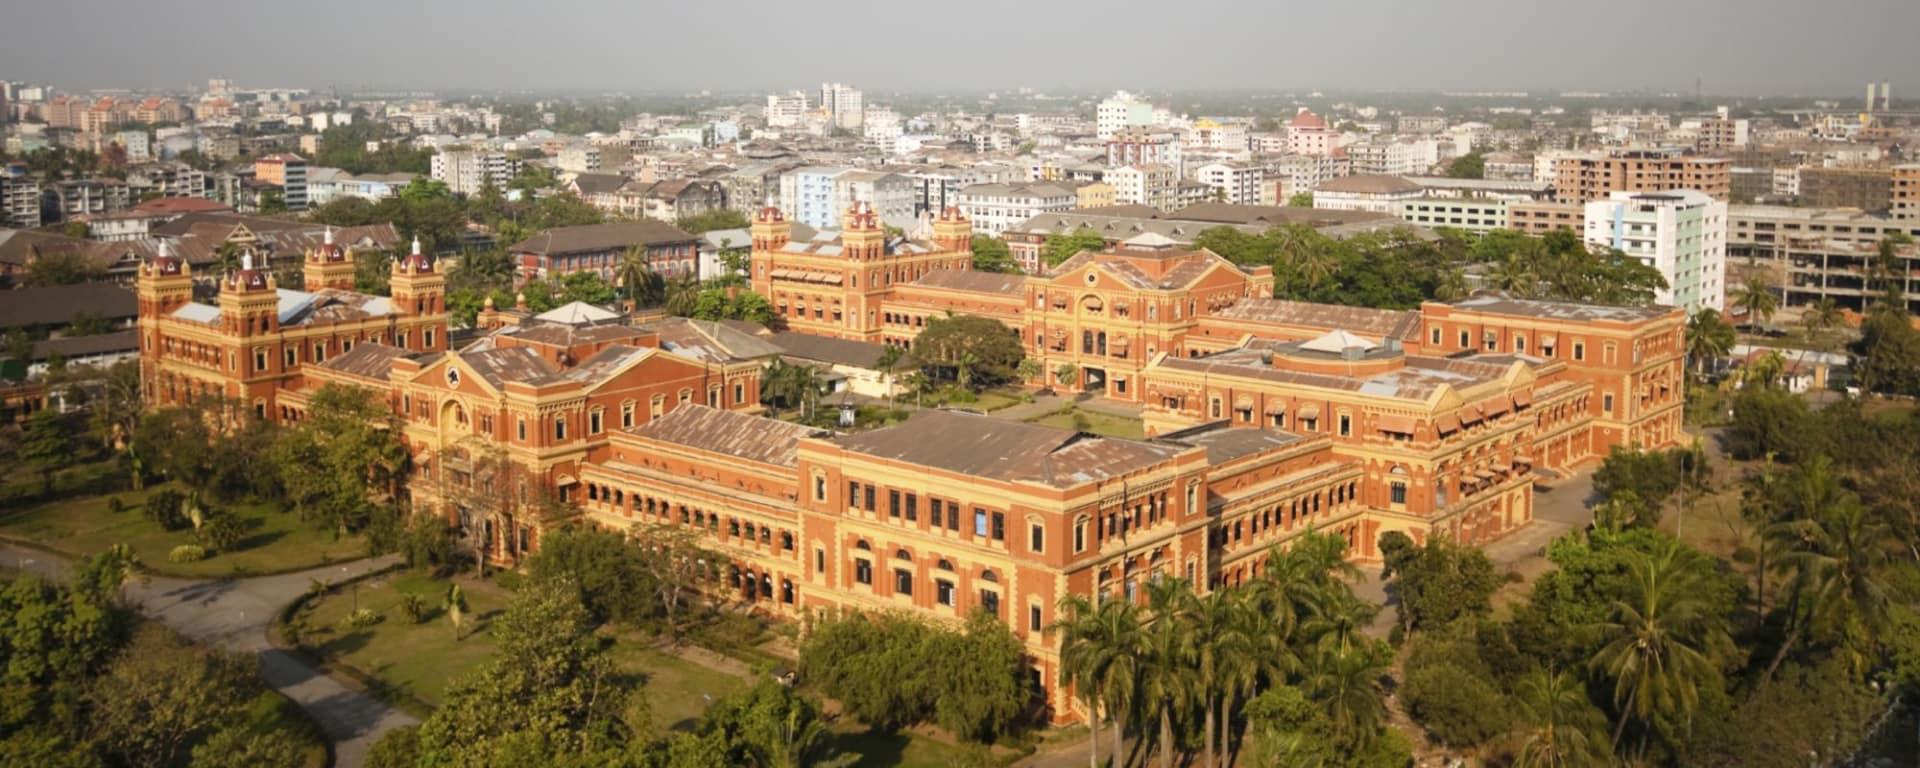 Tour de ville de Yangon: Yangon: city view 002